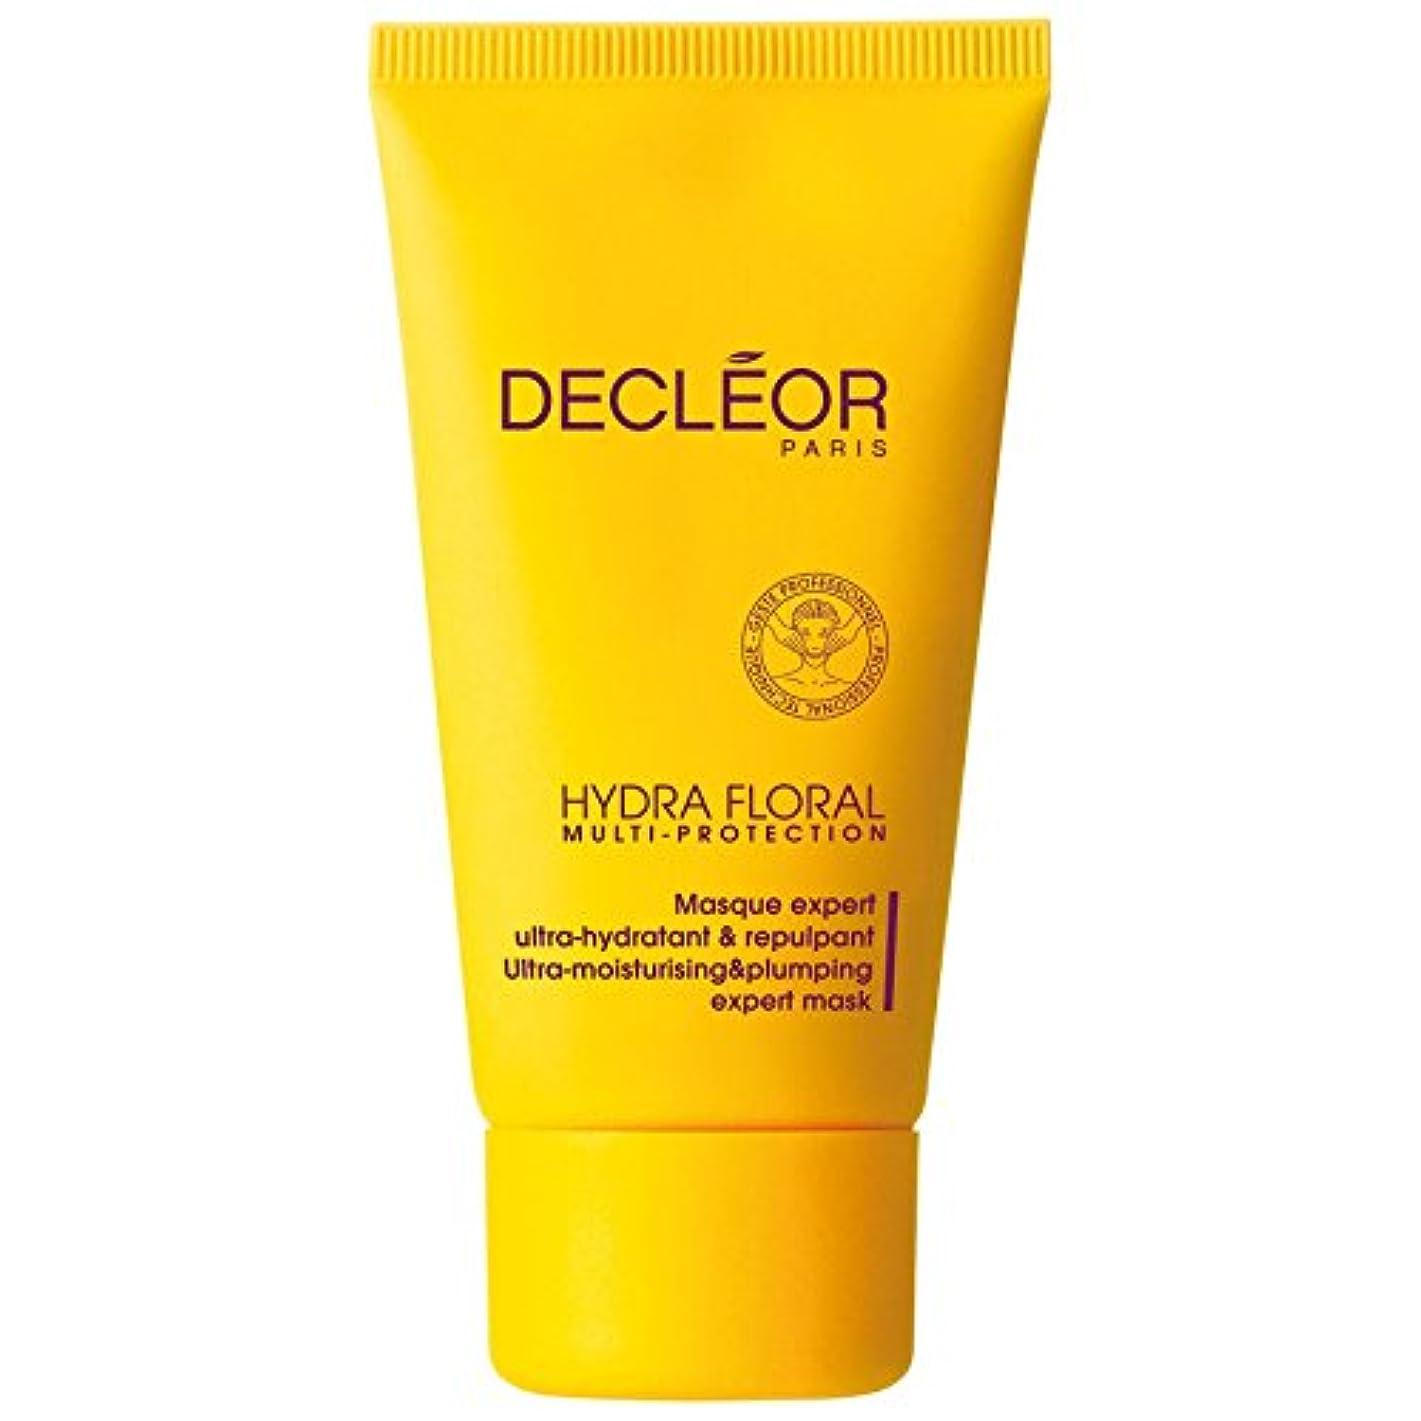 除去柱療法[Decl?or] デクレオールヒドラ花のマルチ保護の専門家マスク50ミリリットル - Decl?or Hydra Floral Multi Protection Expert Mask 50ml [並行輸入品]